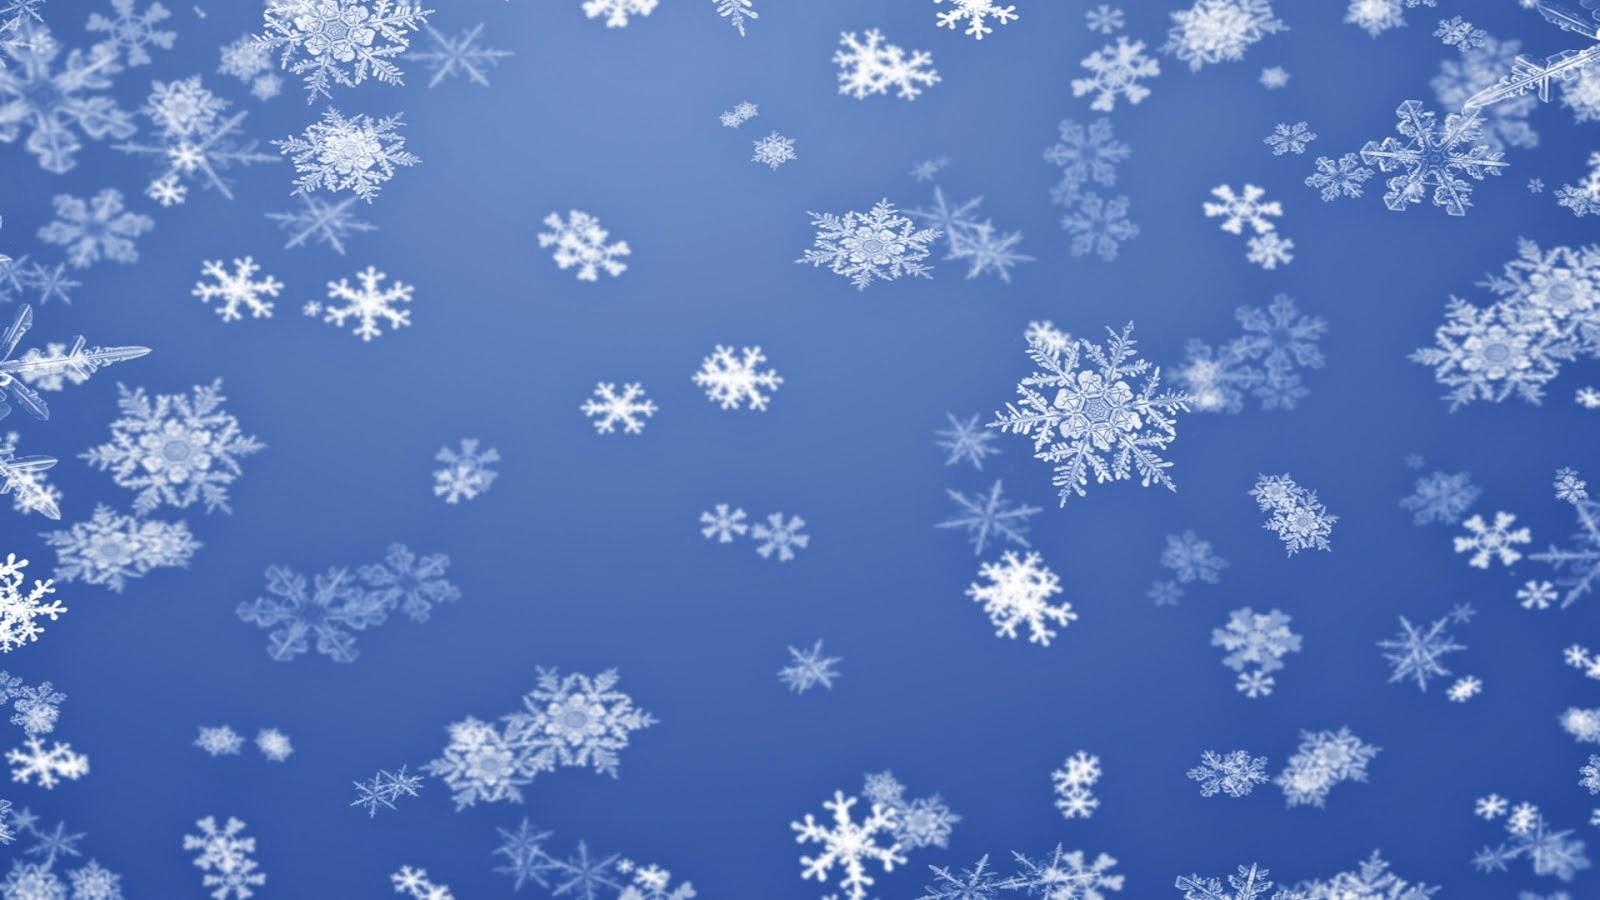 Cara Mempercantik Blog dengan Efek Salju